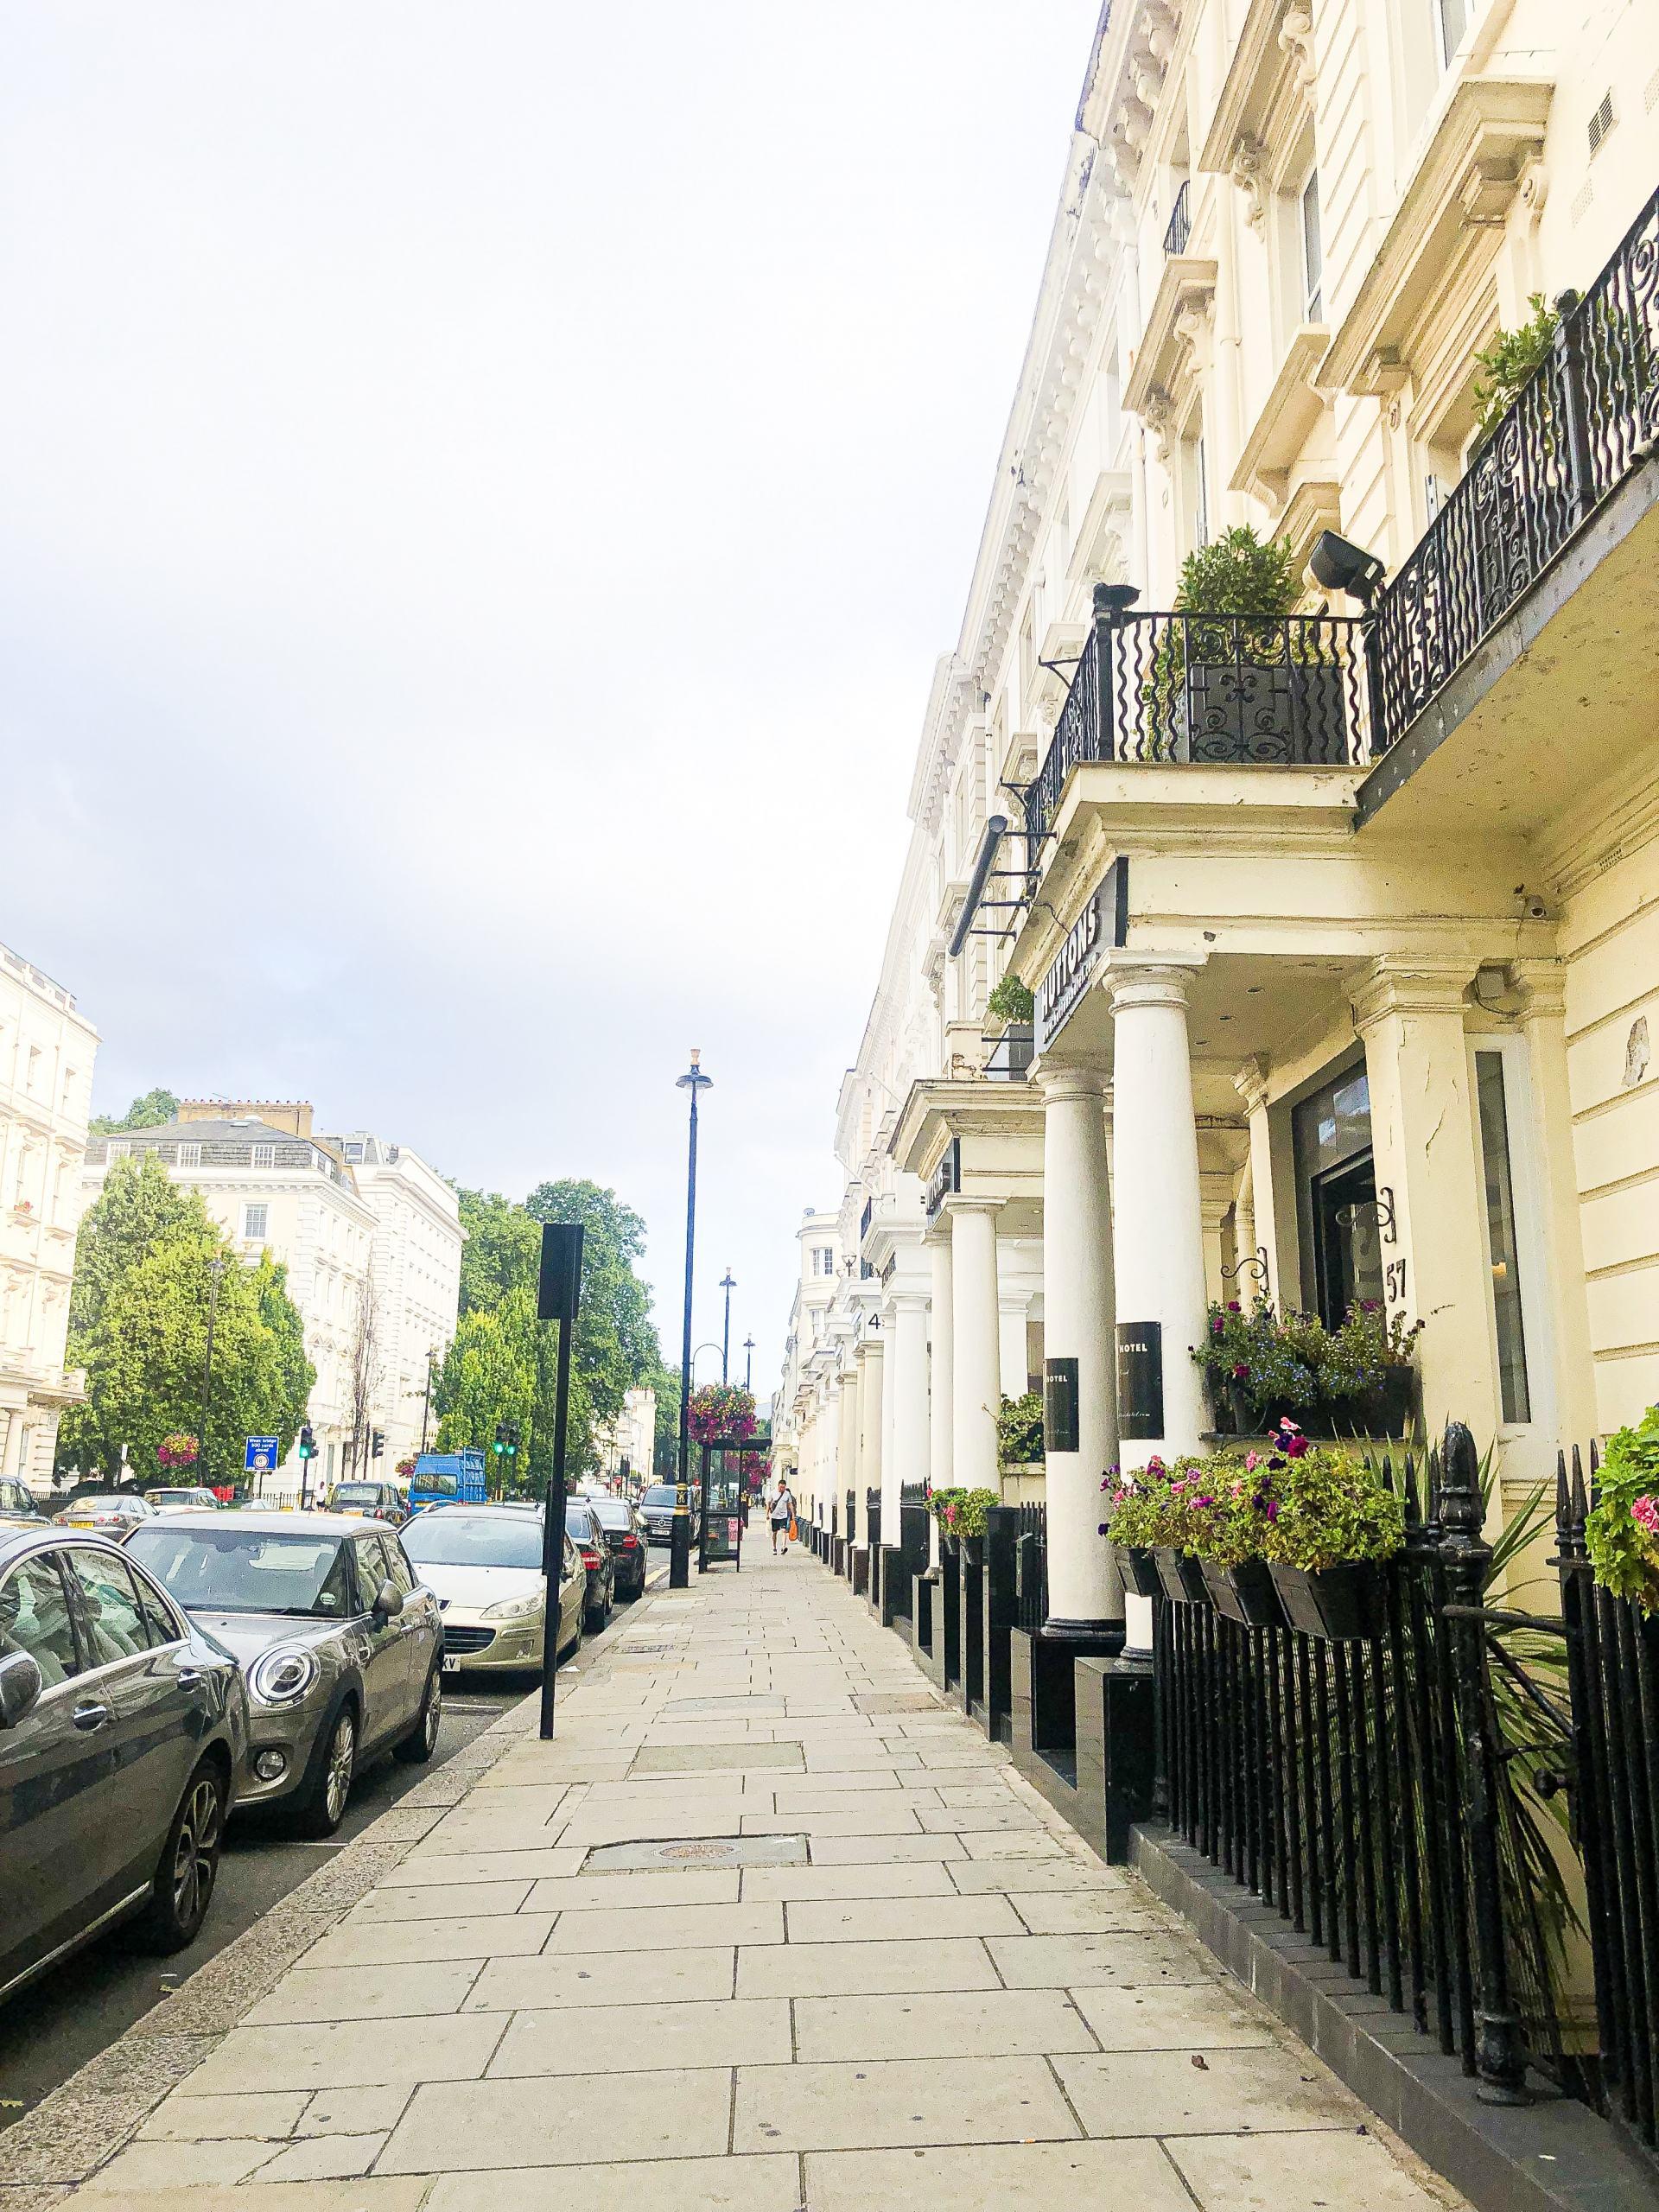 huttons hotel pimlico london